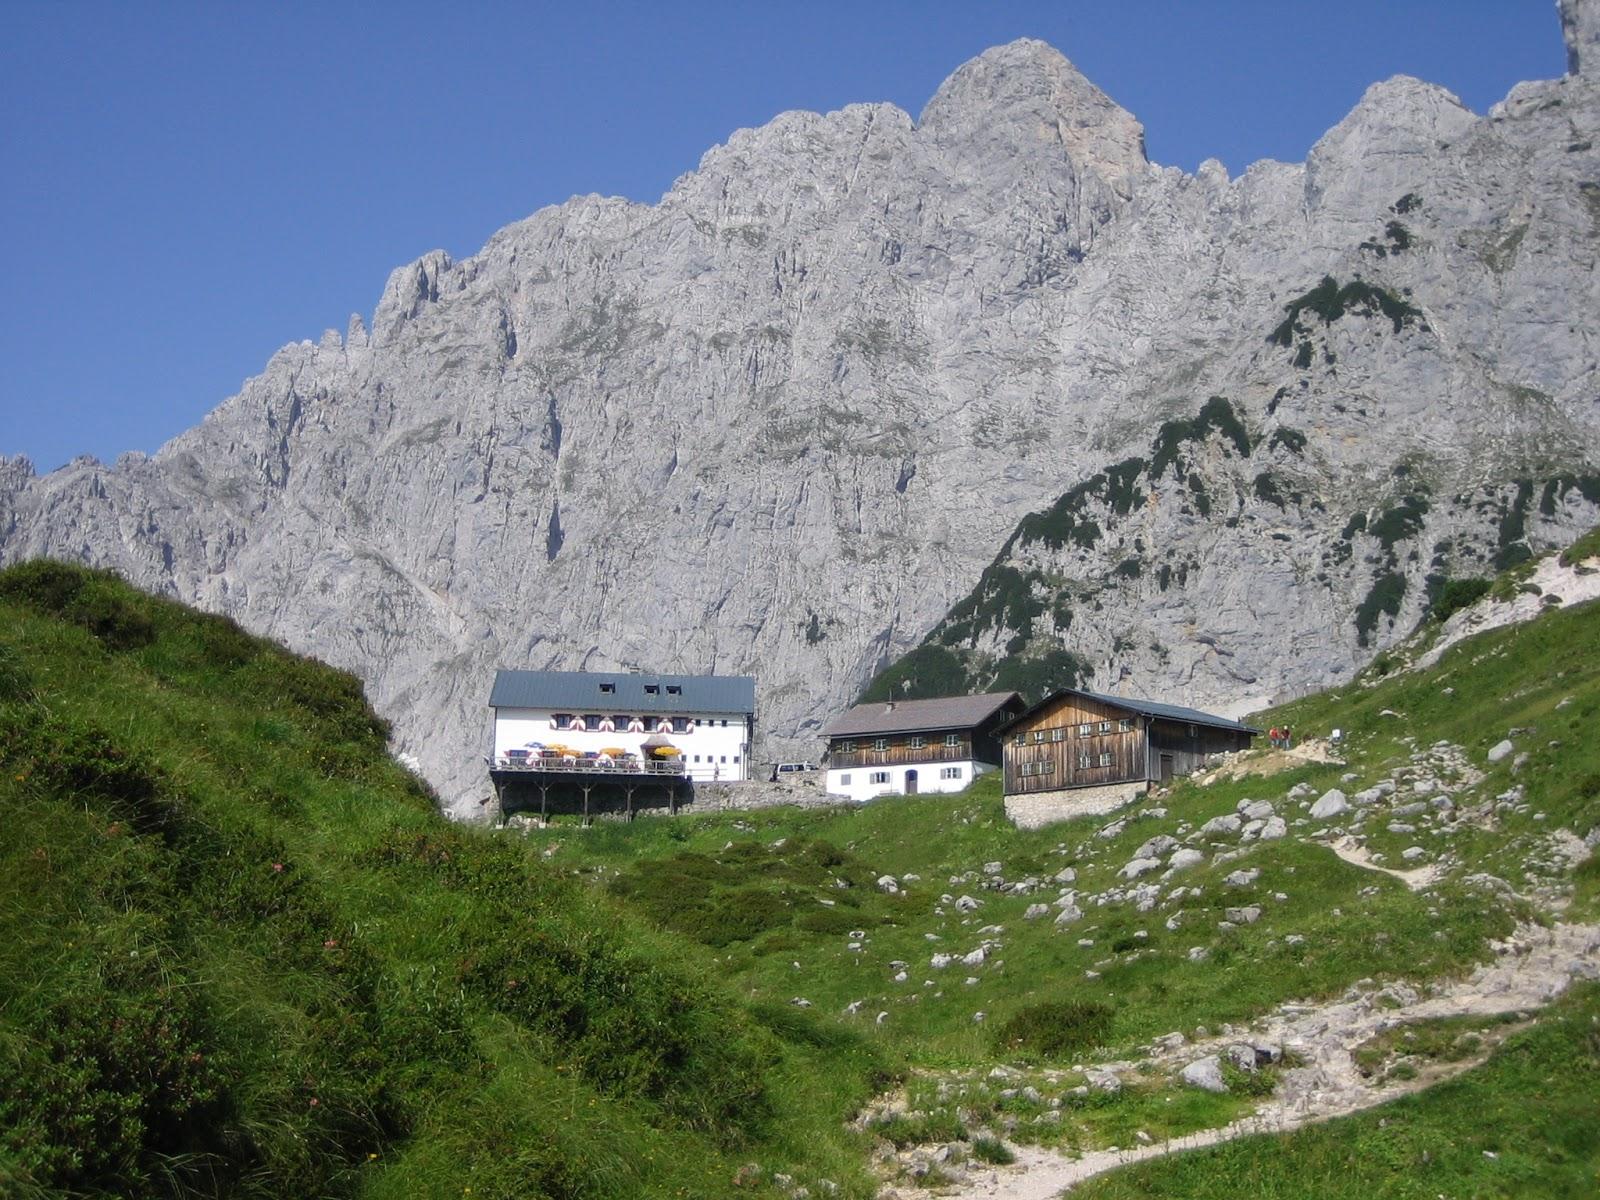 Klettersteig Wilder Kaiser Ellmauer Halt : Klettersteig zum ellmauer halt wilder kaiser m alpin